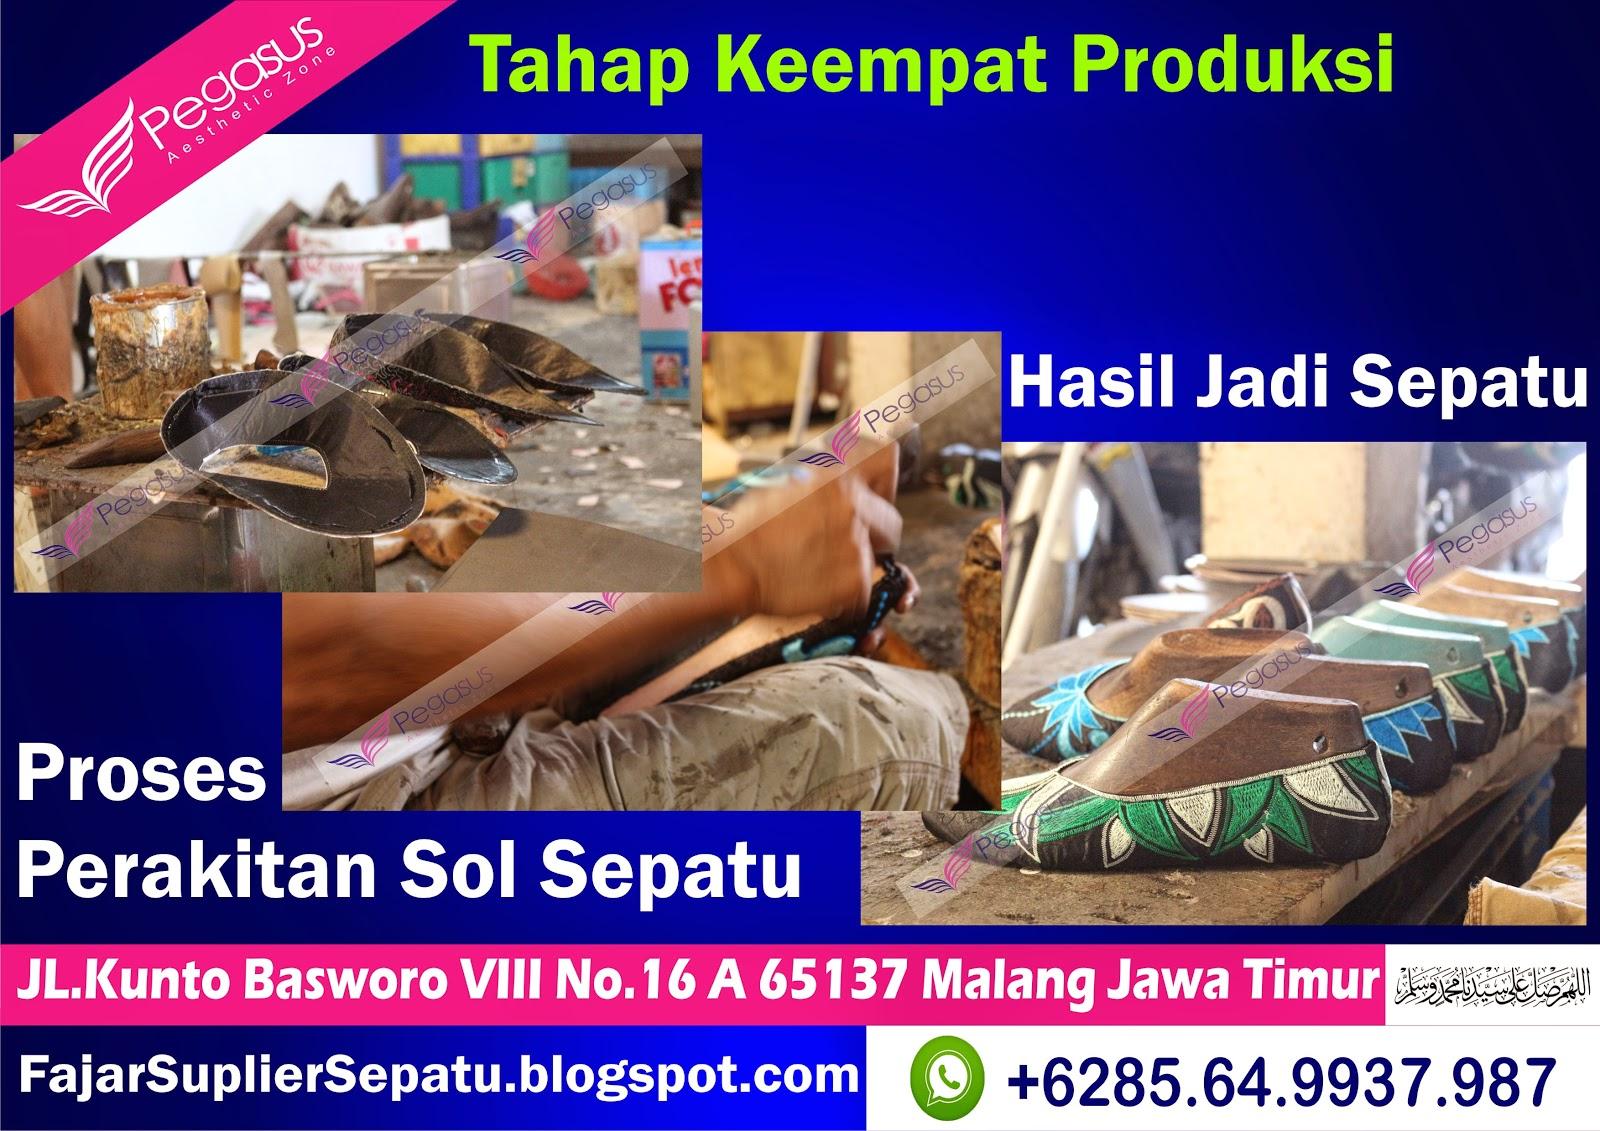 Distributor Sepatu Bordir Murah, Sepatu Online Instagram, Jual Sepatu Online, +62.8564.993.7987